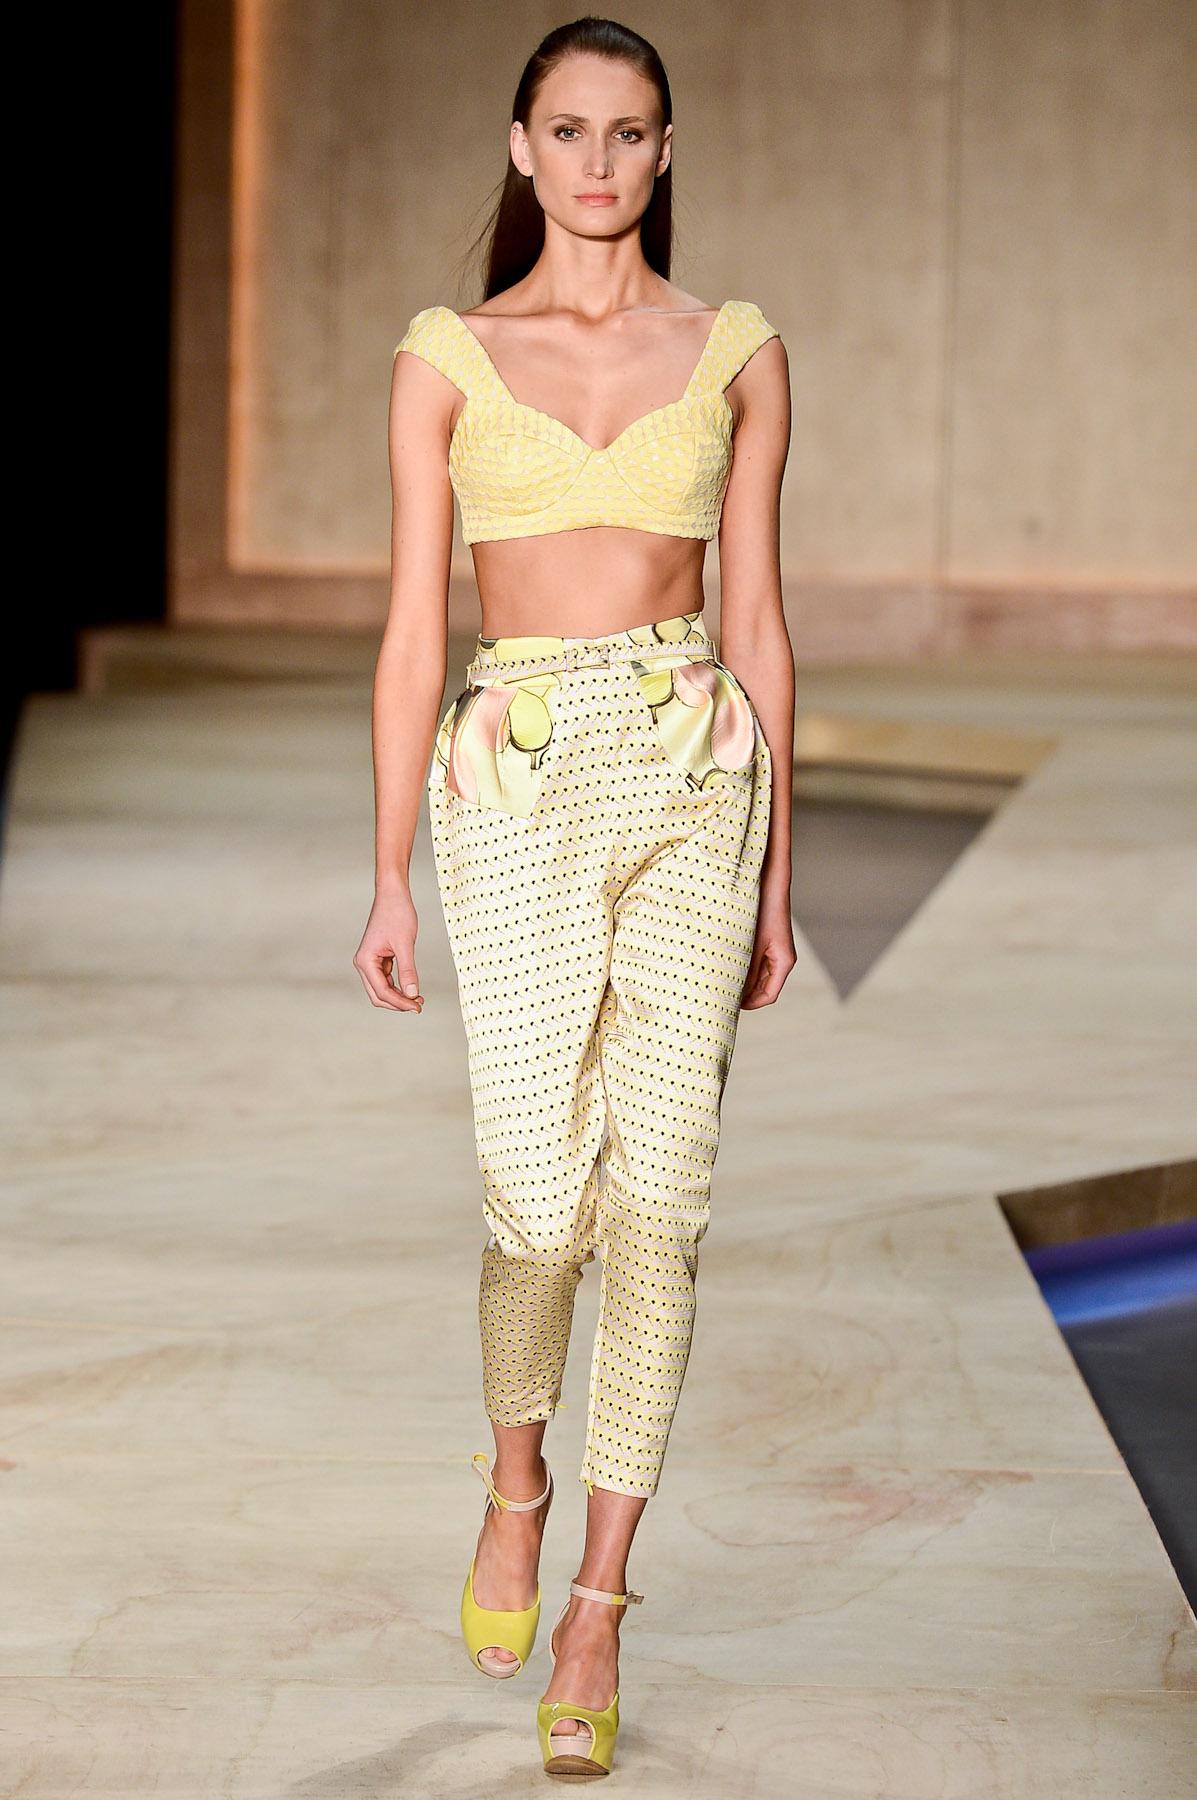 Maria Bonita Extra / Fashion Rio / Verão 2013 RTW